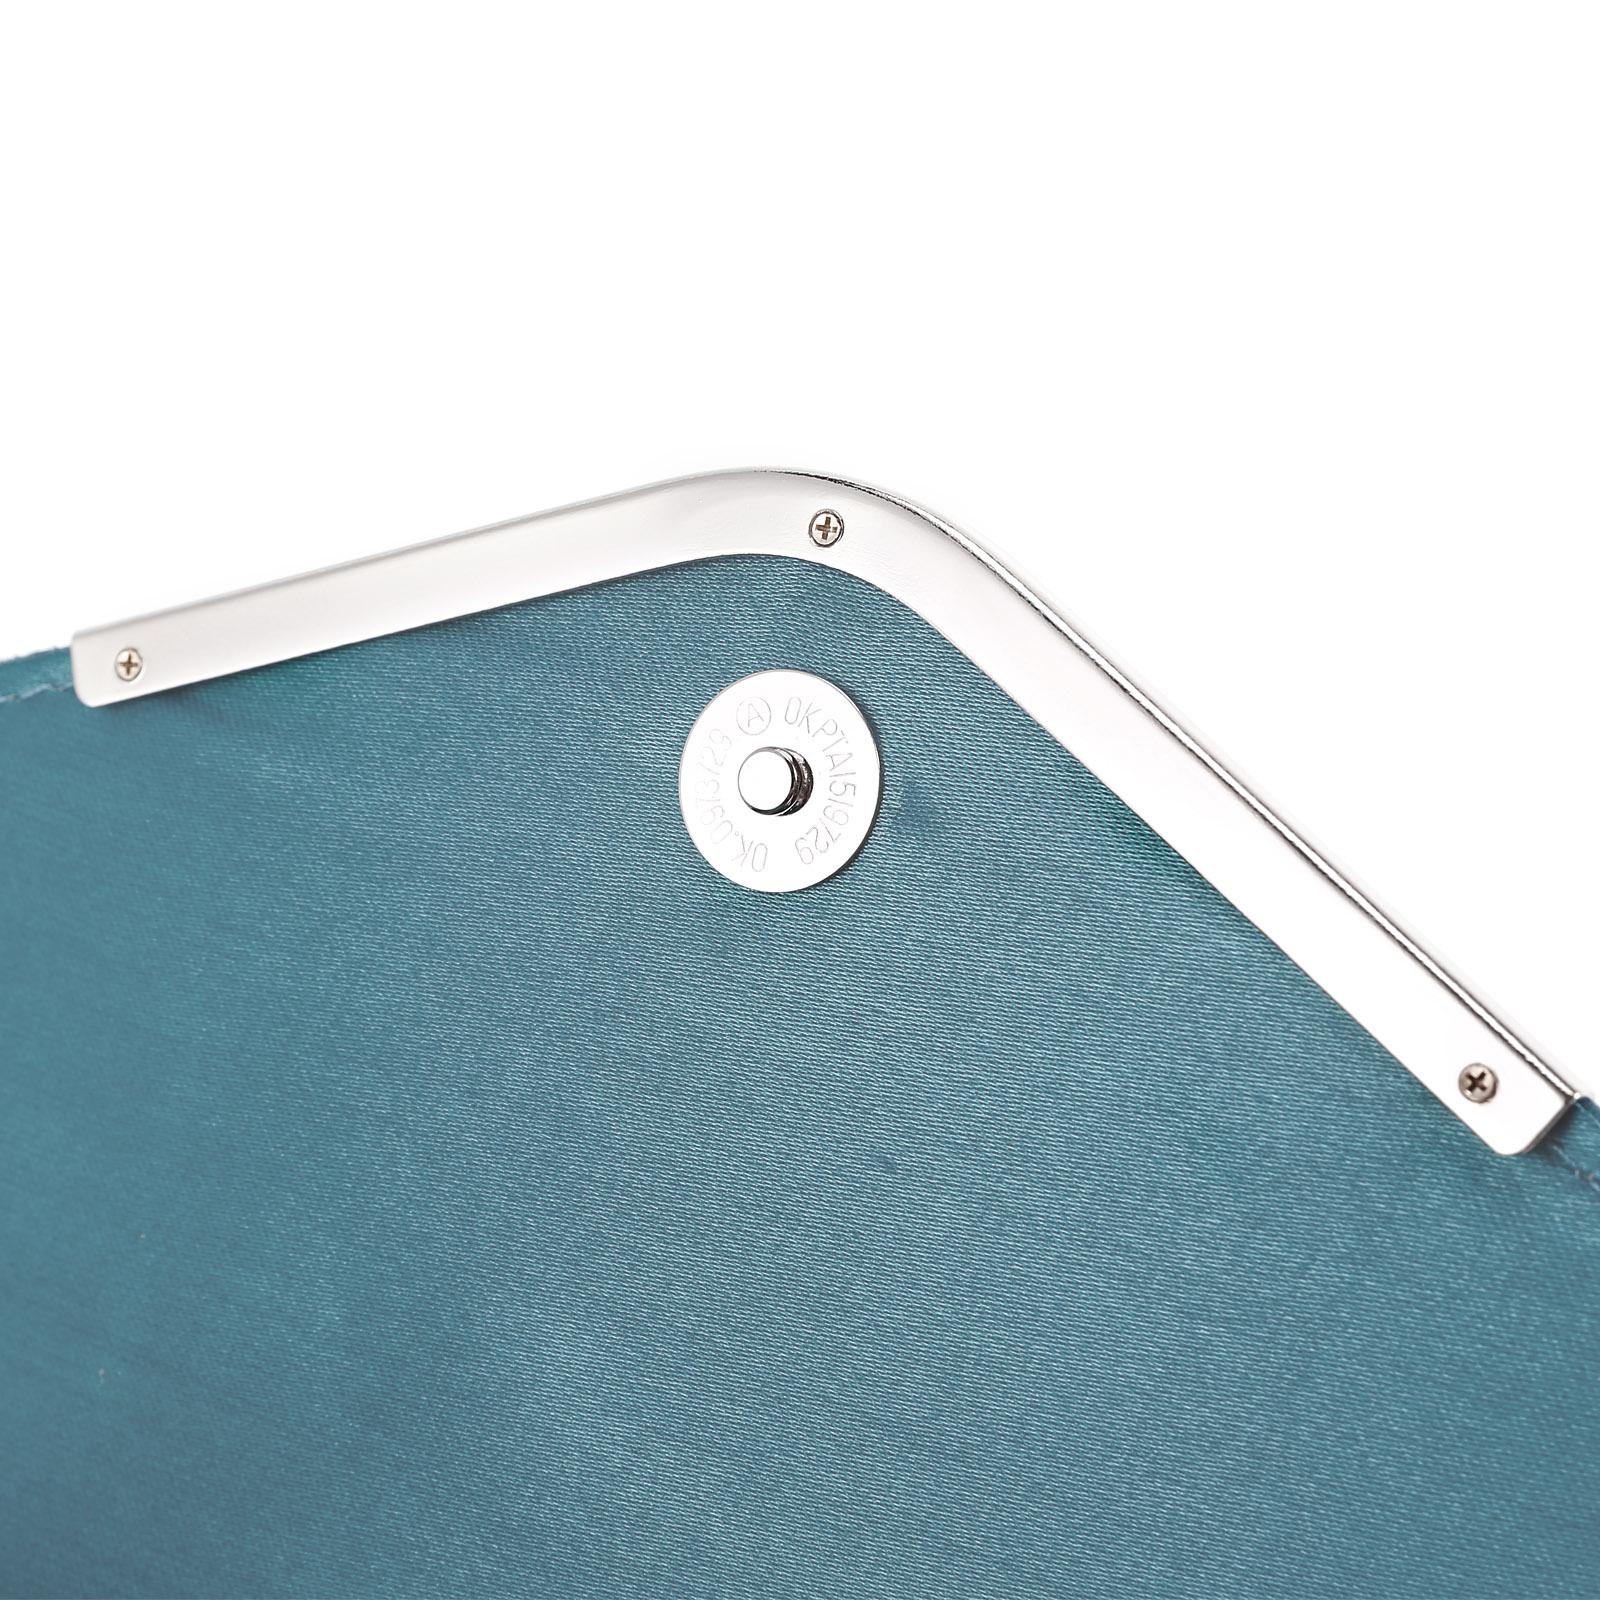 294af257a5e6 Image is loading Dazzling-Velvet-Curved-Envelope-Clutch-Bag-Flap-Topped-